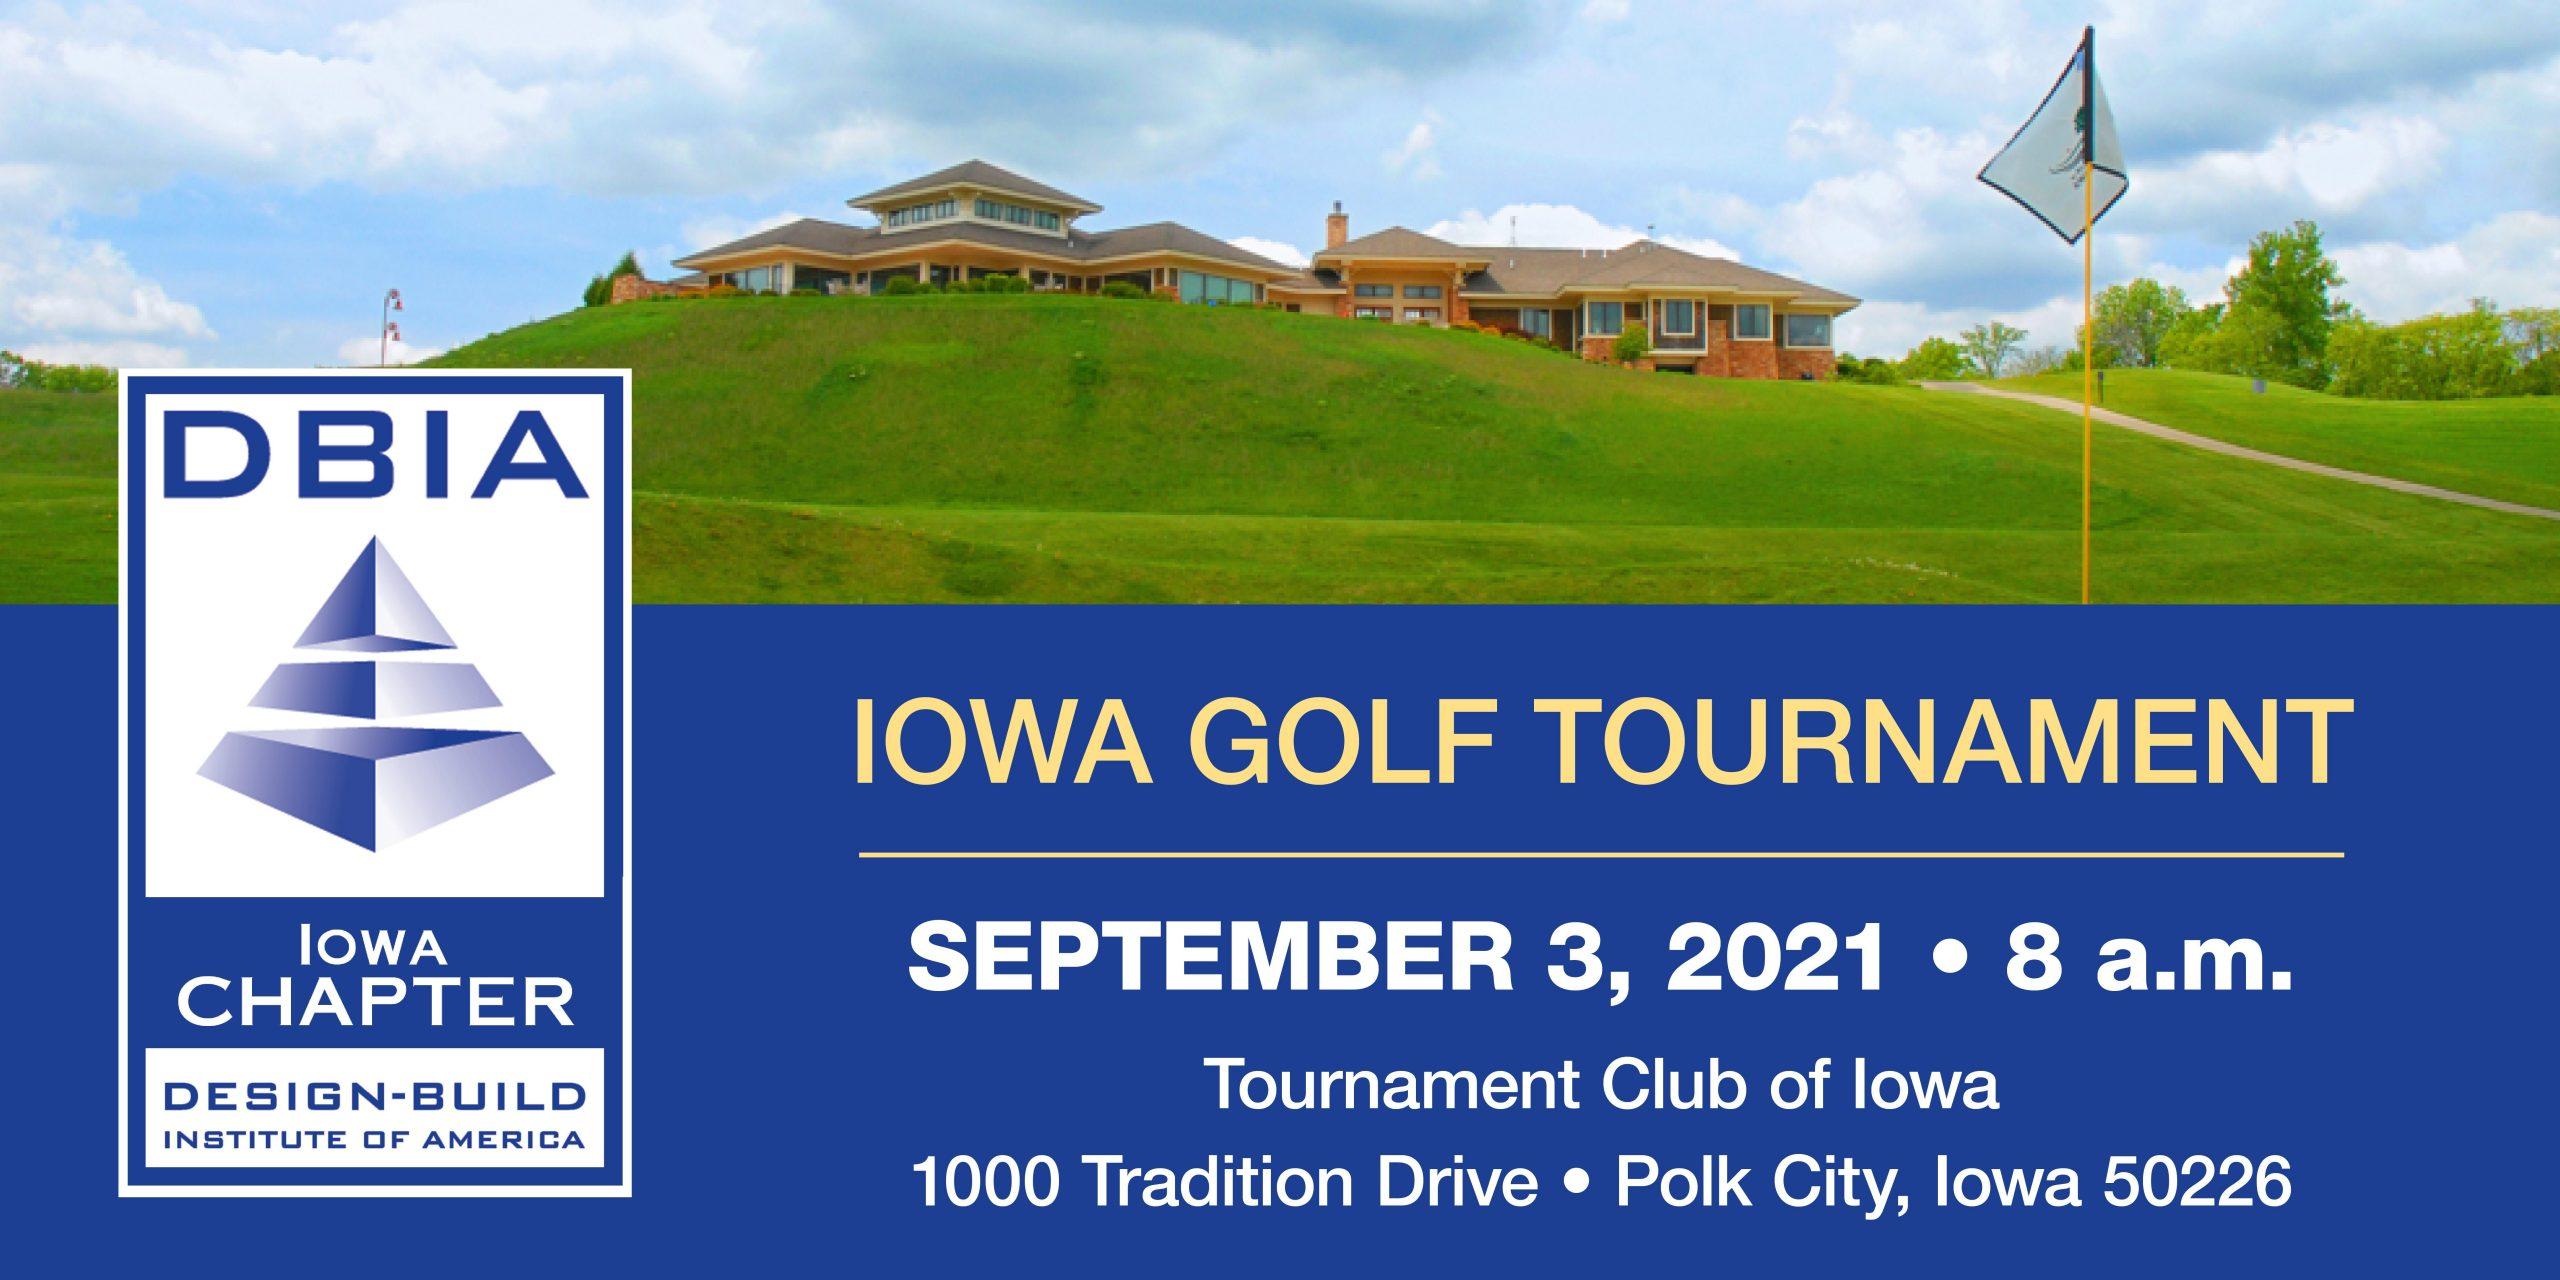 DBIA-Iowa | Golf Tournament